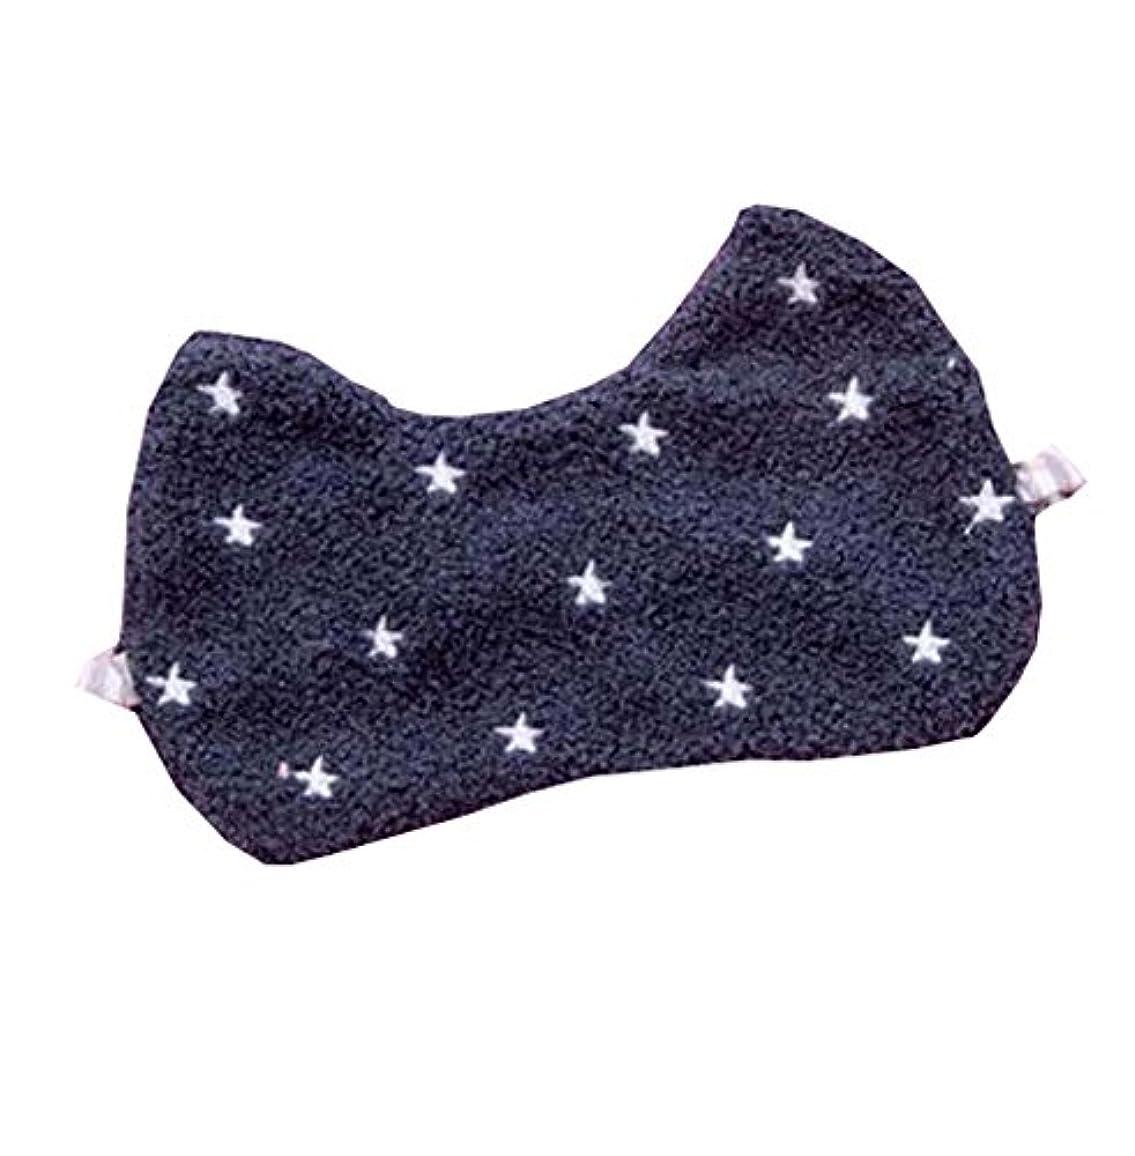 蓄積する地下波紋女の子の旅行スリーピングアイシェード - 目隠しナップカバーアイマスク睡眠改善、E